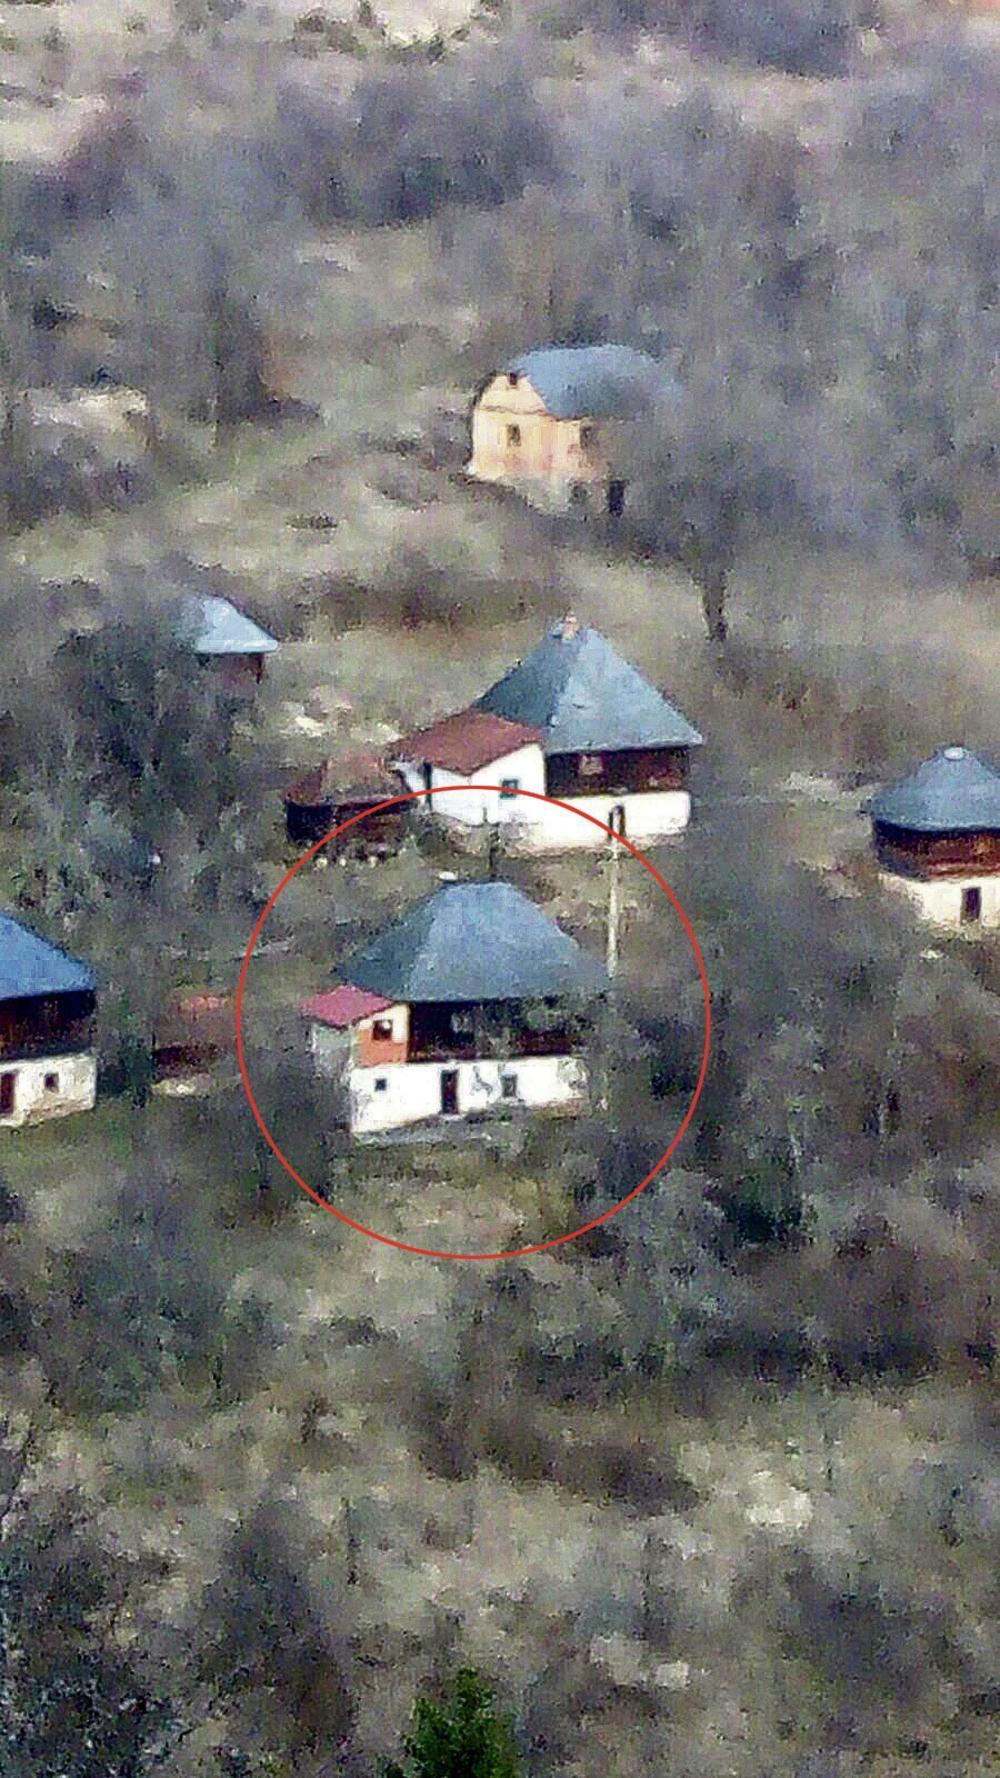 Кућа у којој је указана помоћ